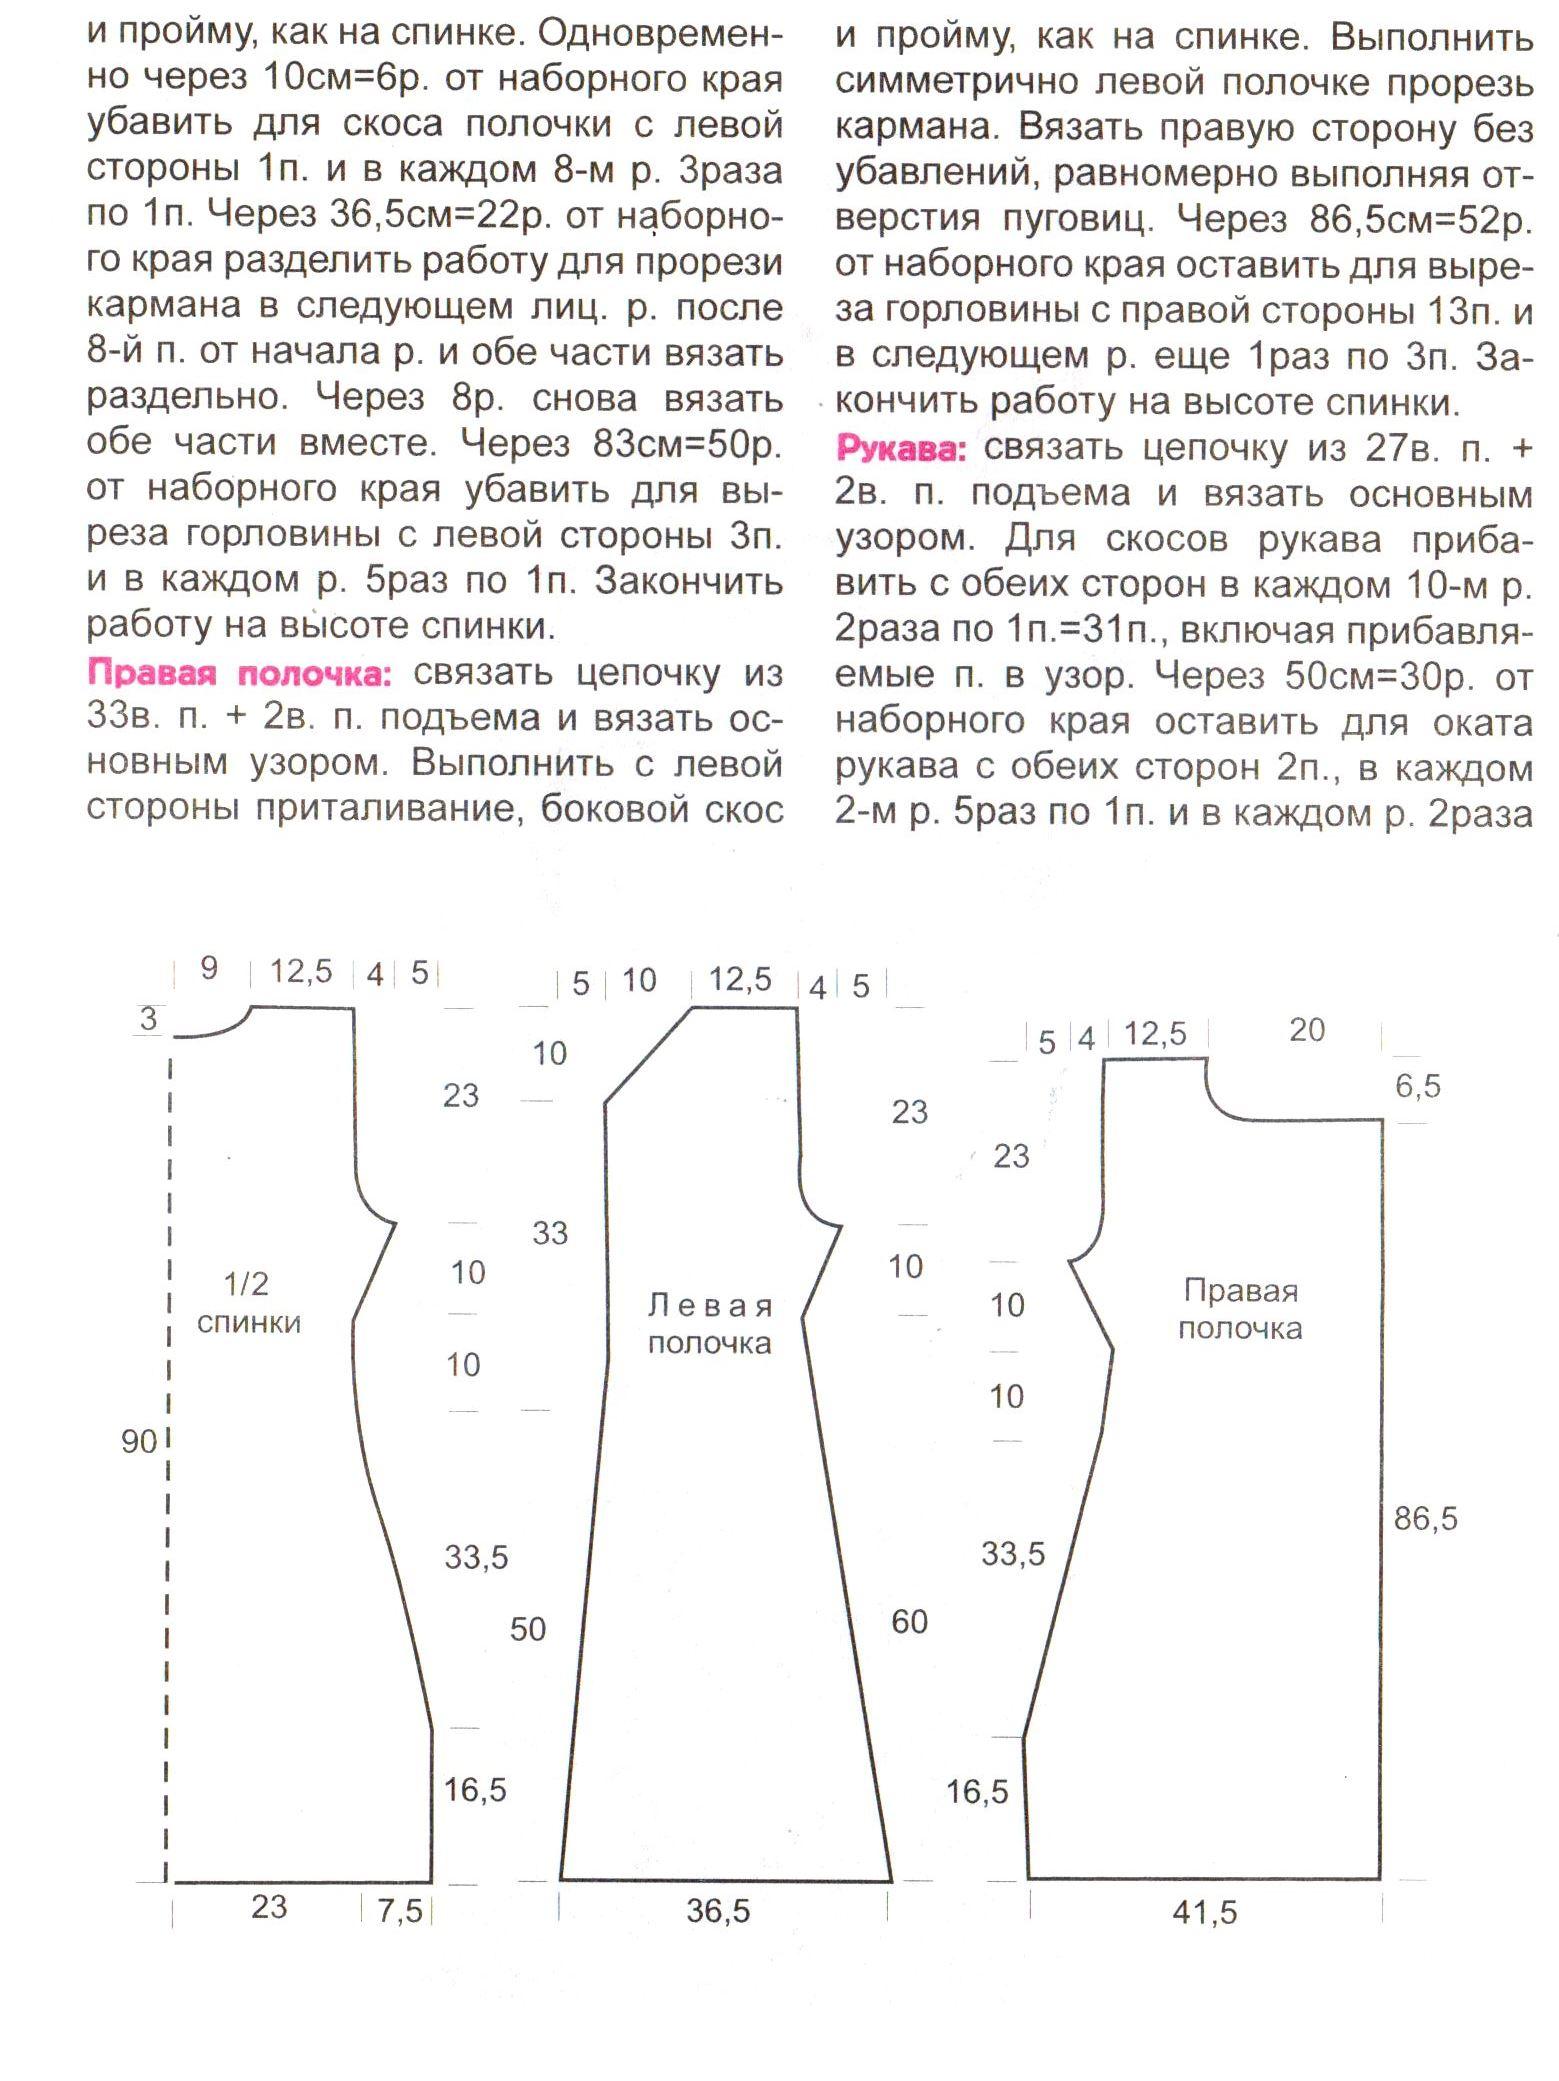 0082_ВС_сп.17.12 (9)